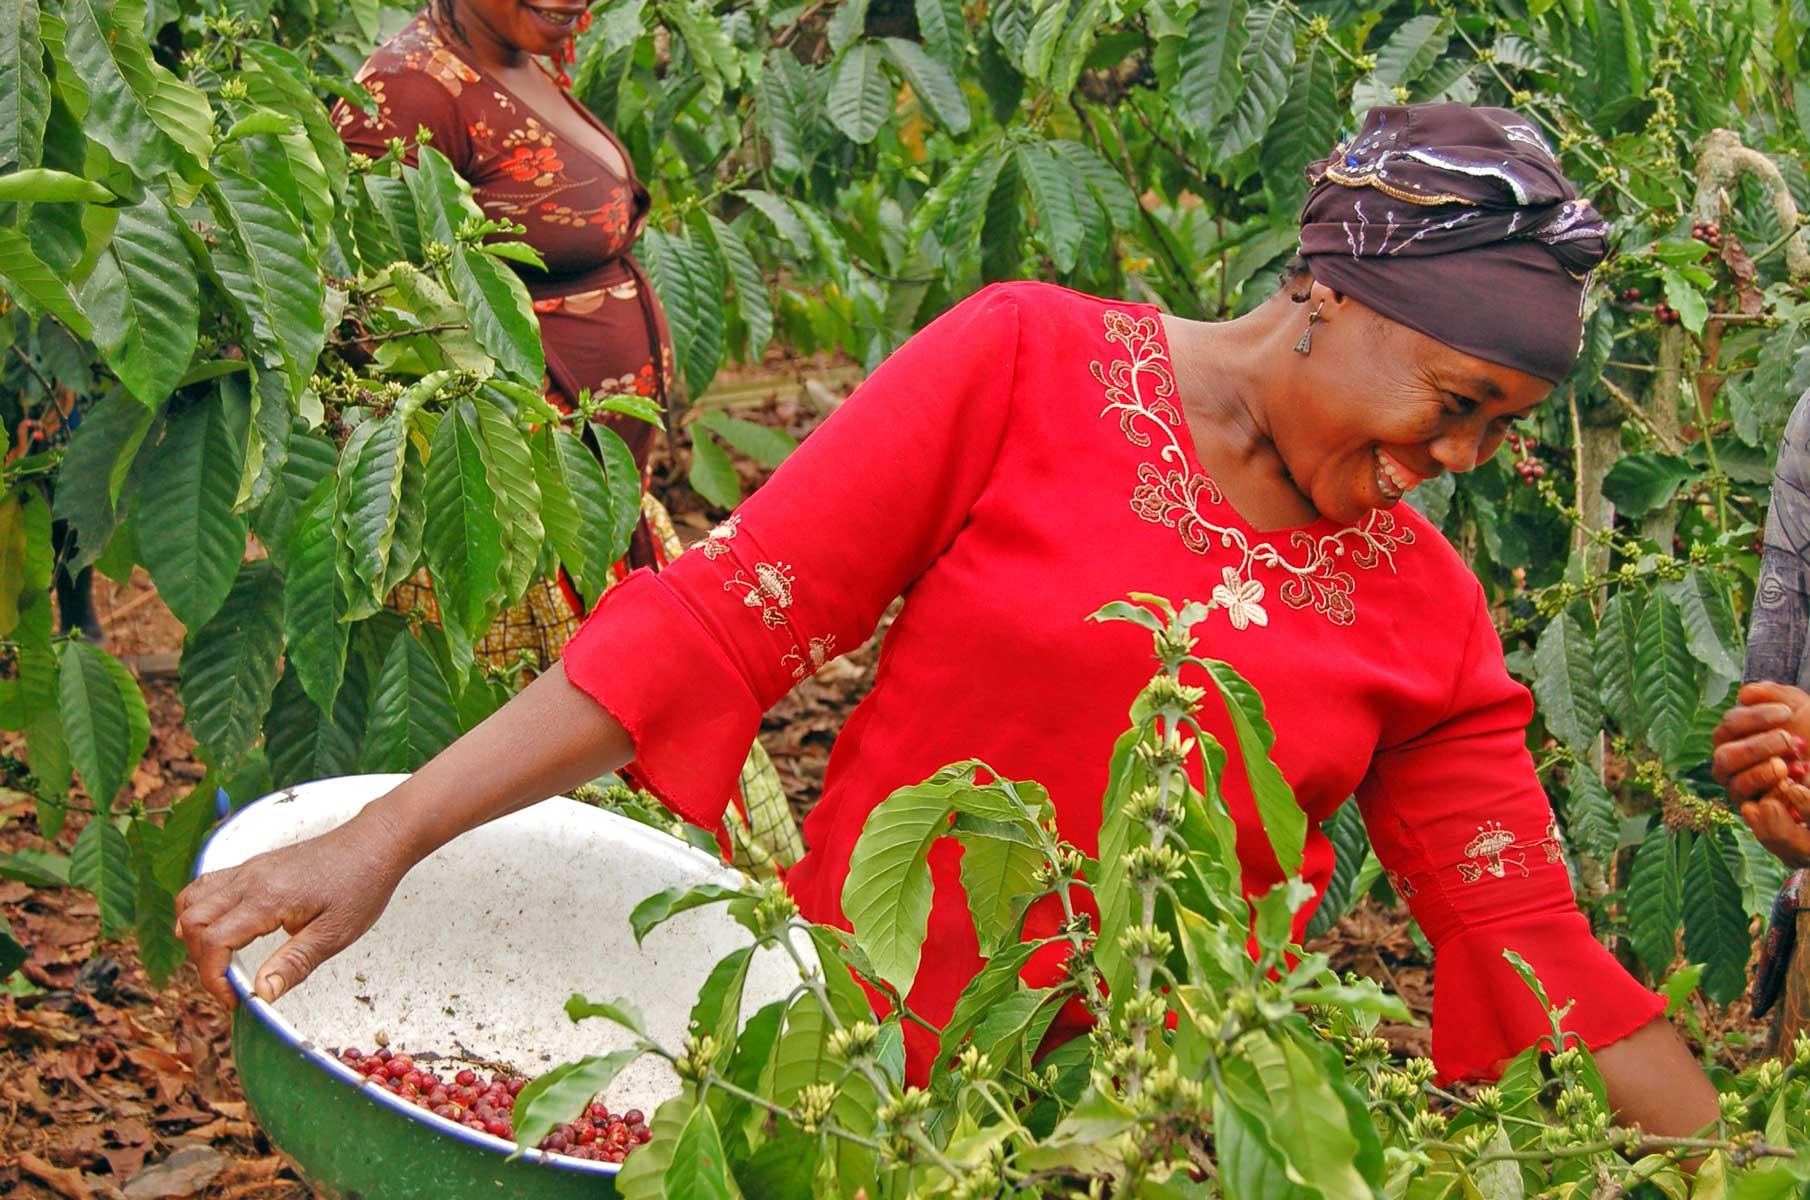 cafépierreandré_récolte_picking_cameroun